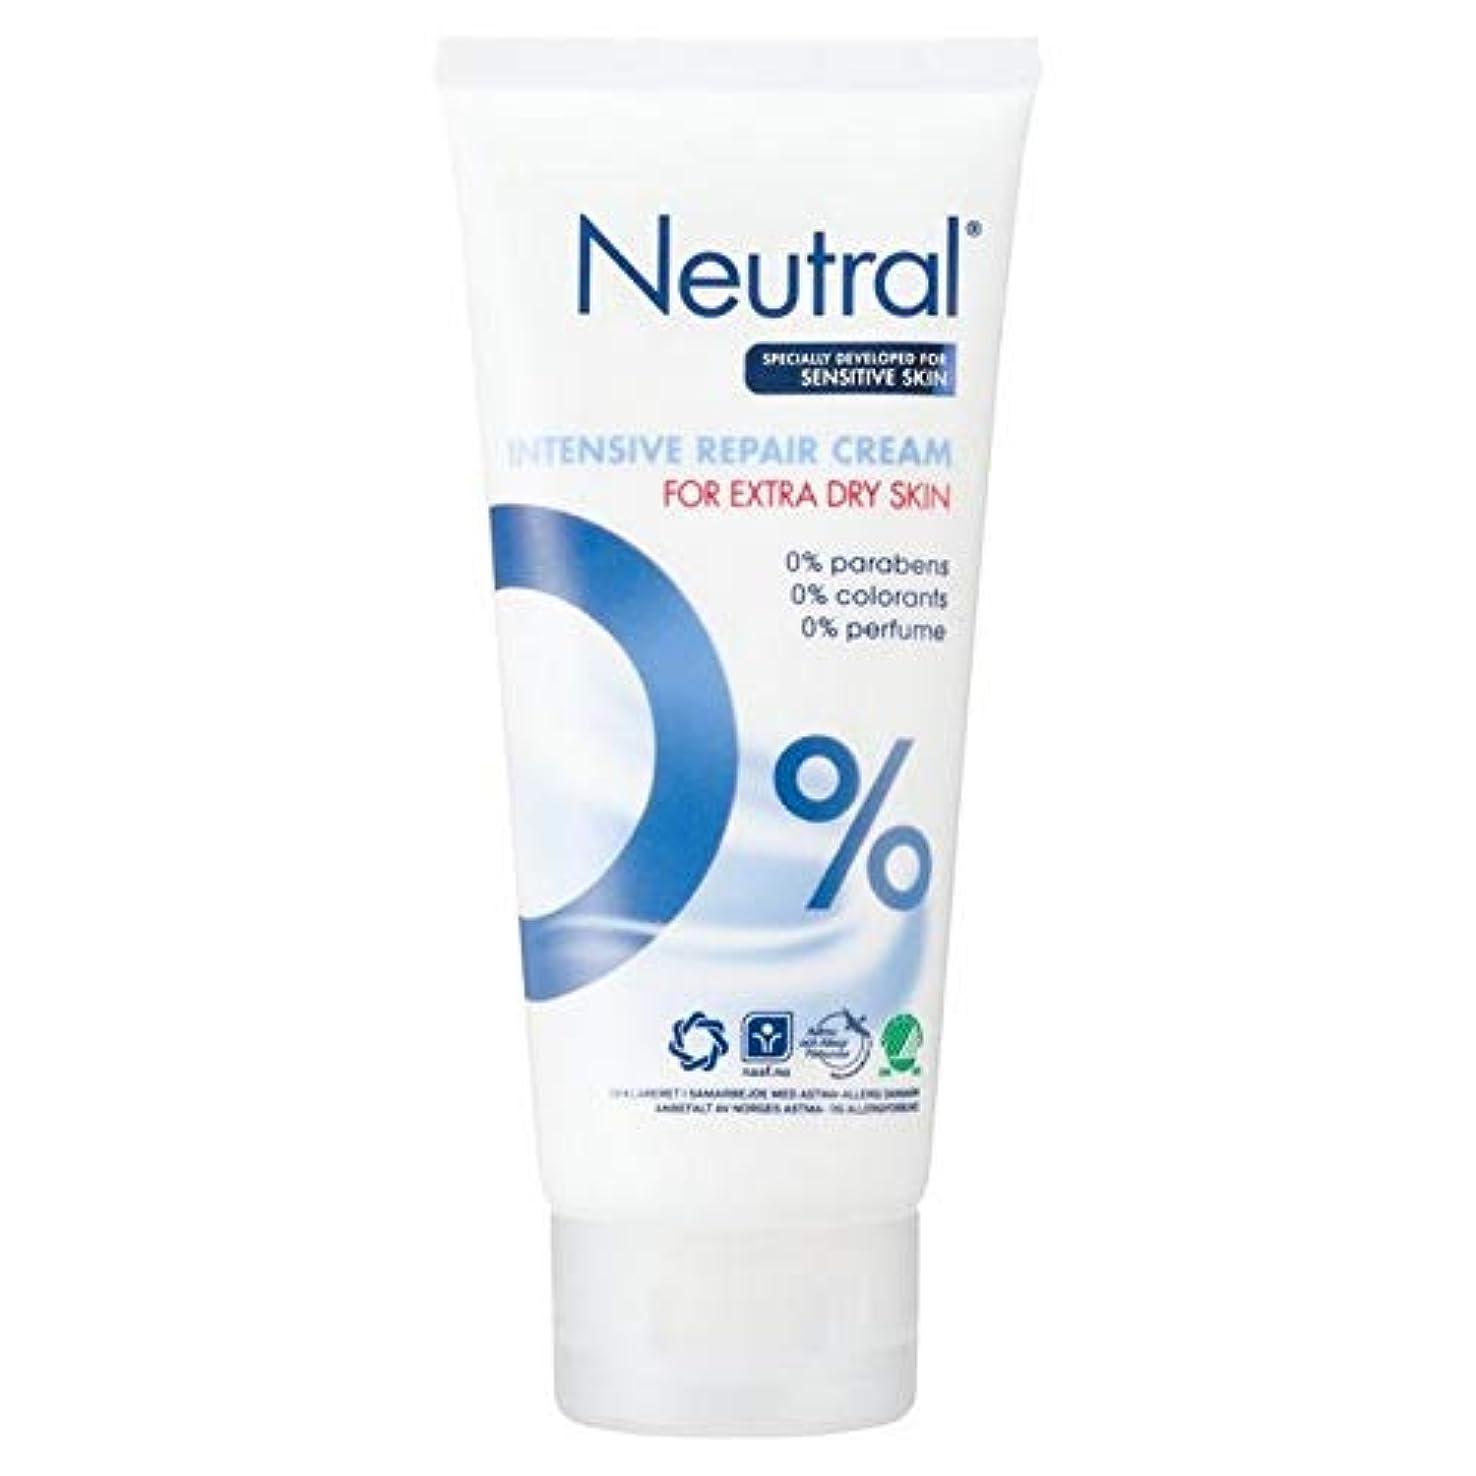 追跡ブローホール迫害[Neutral ] ニュートラル0%の集中リペアクリーム100ミリリットル - Neutral 0% Intensive Repair Cream 100ml [並行輸入品]